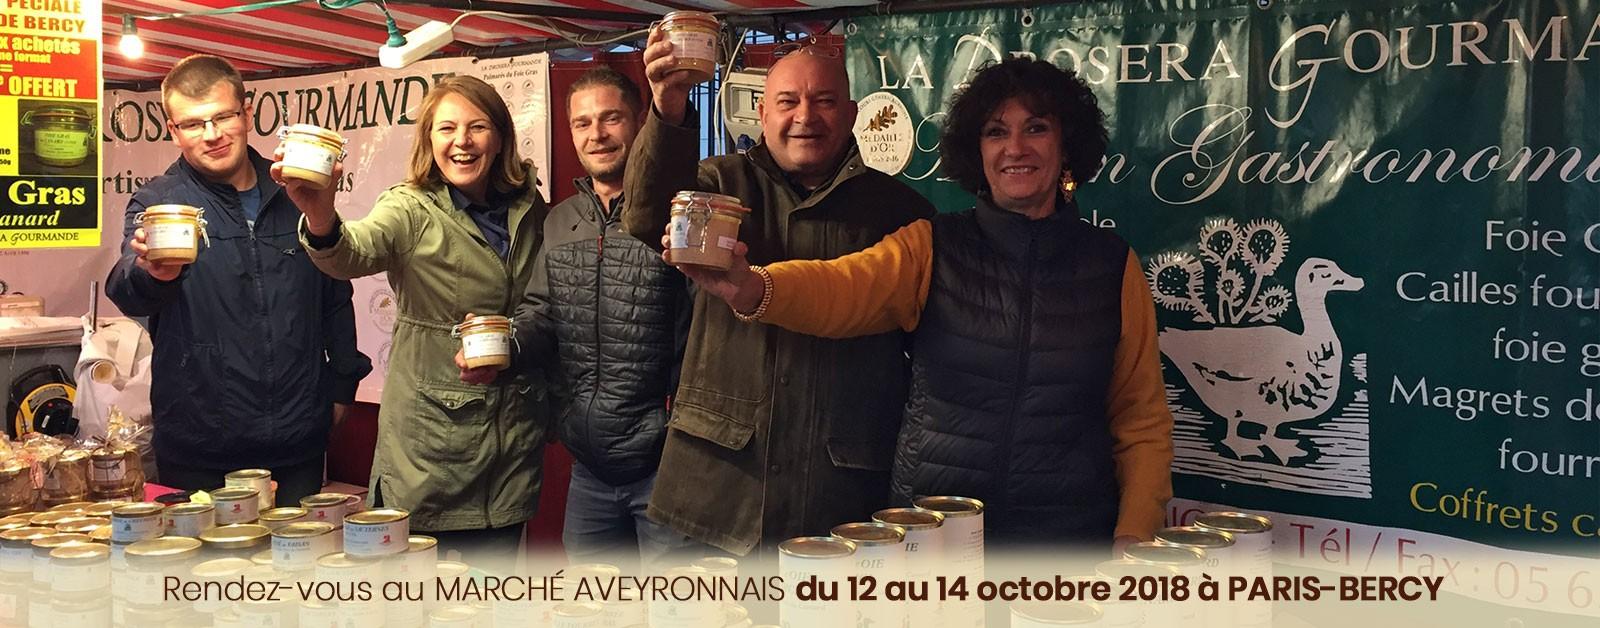 Marché Aveyronnais de Paris-Bercy